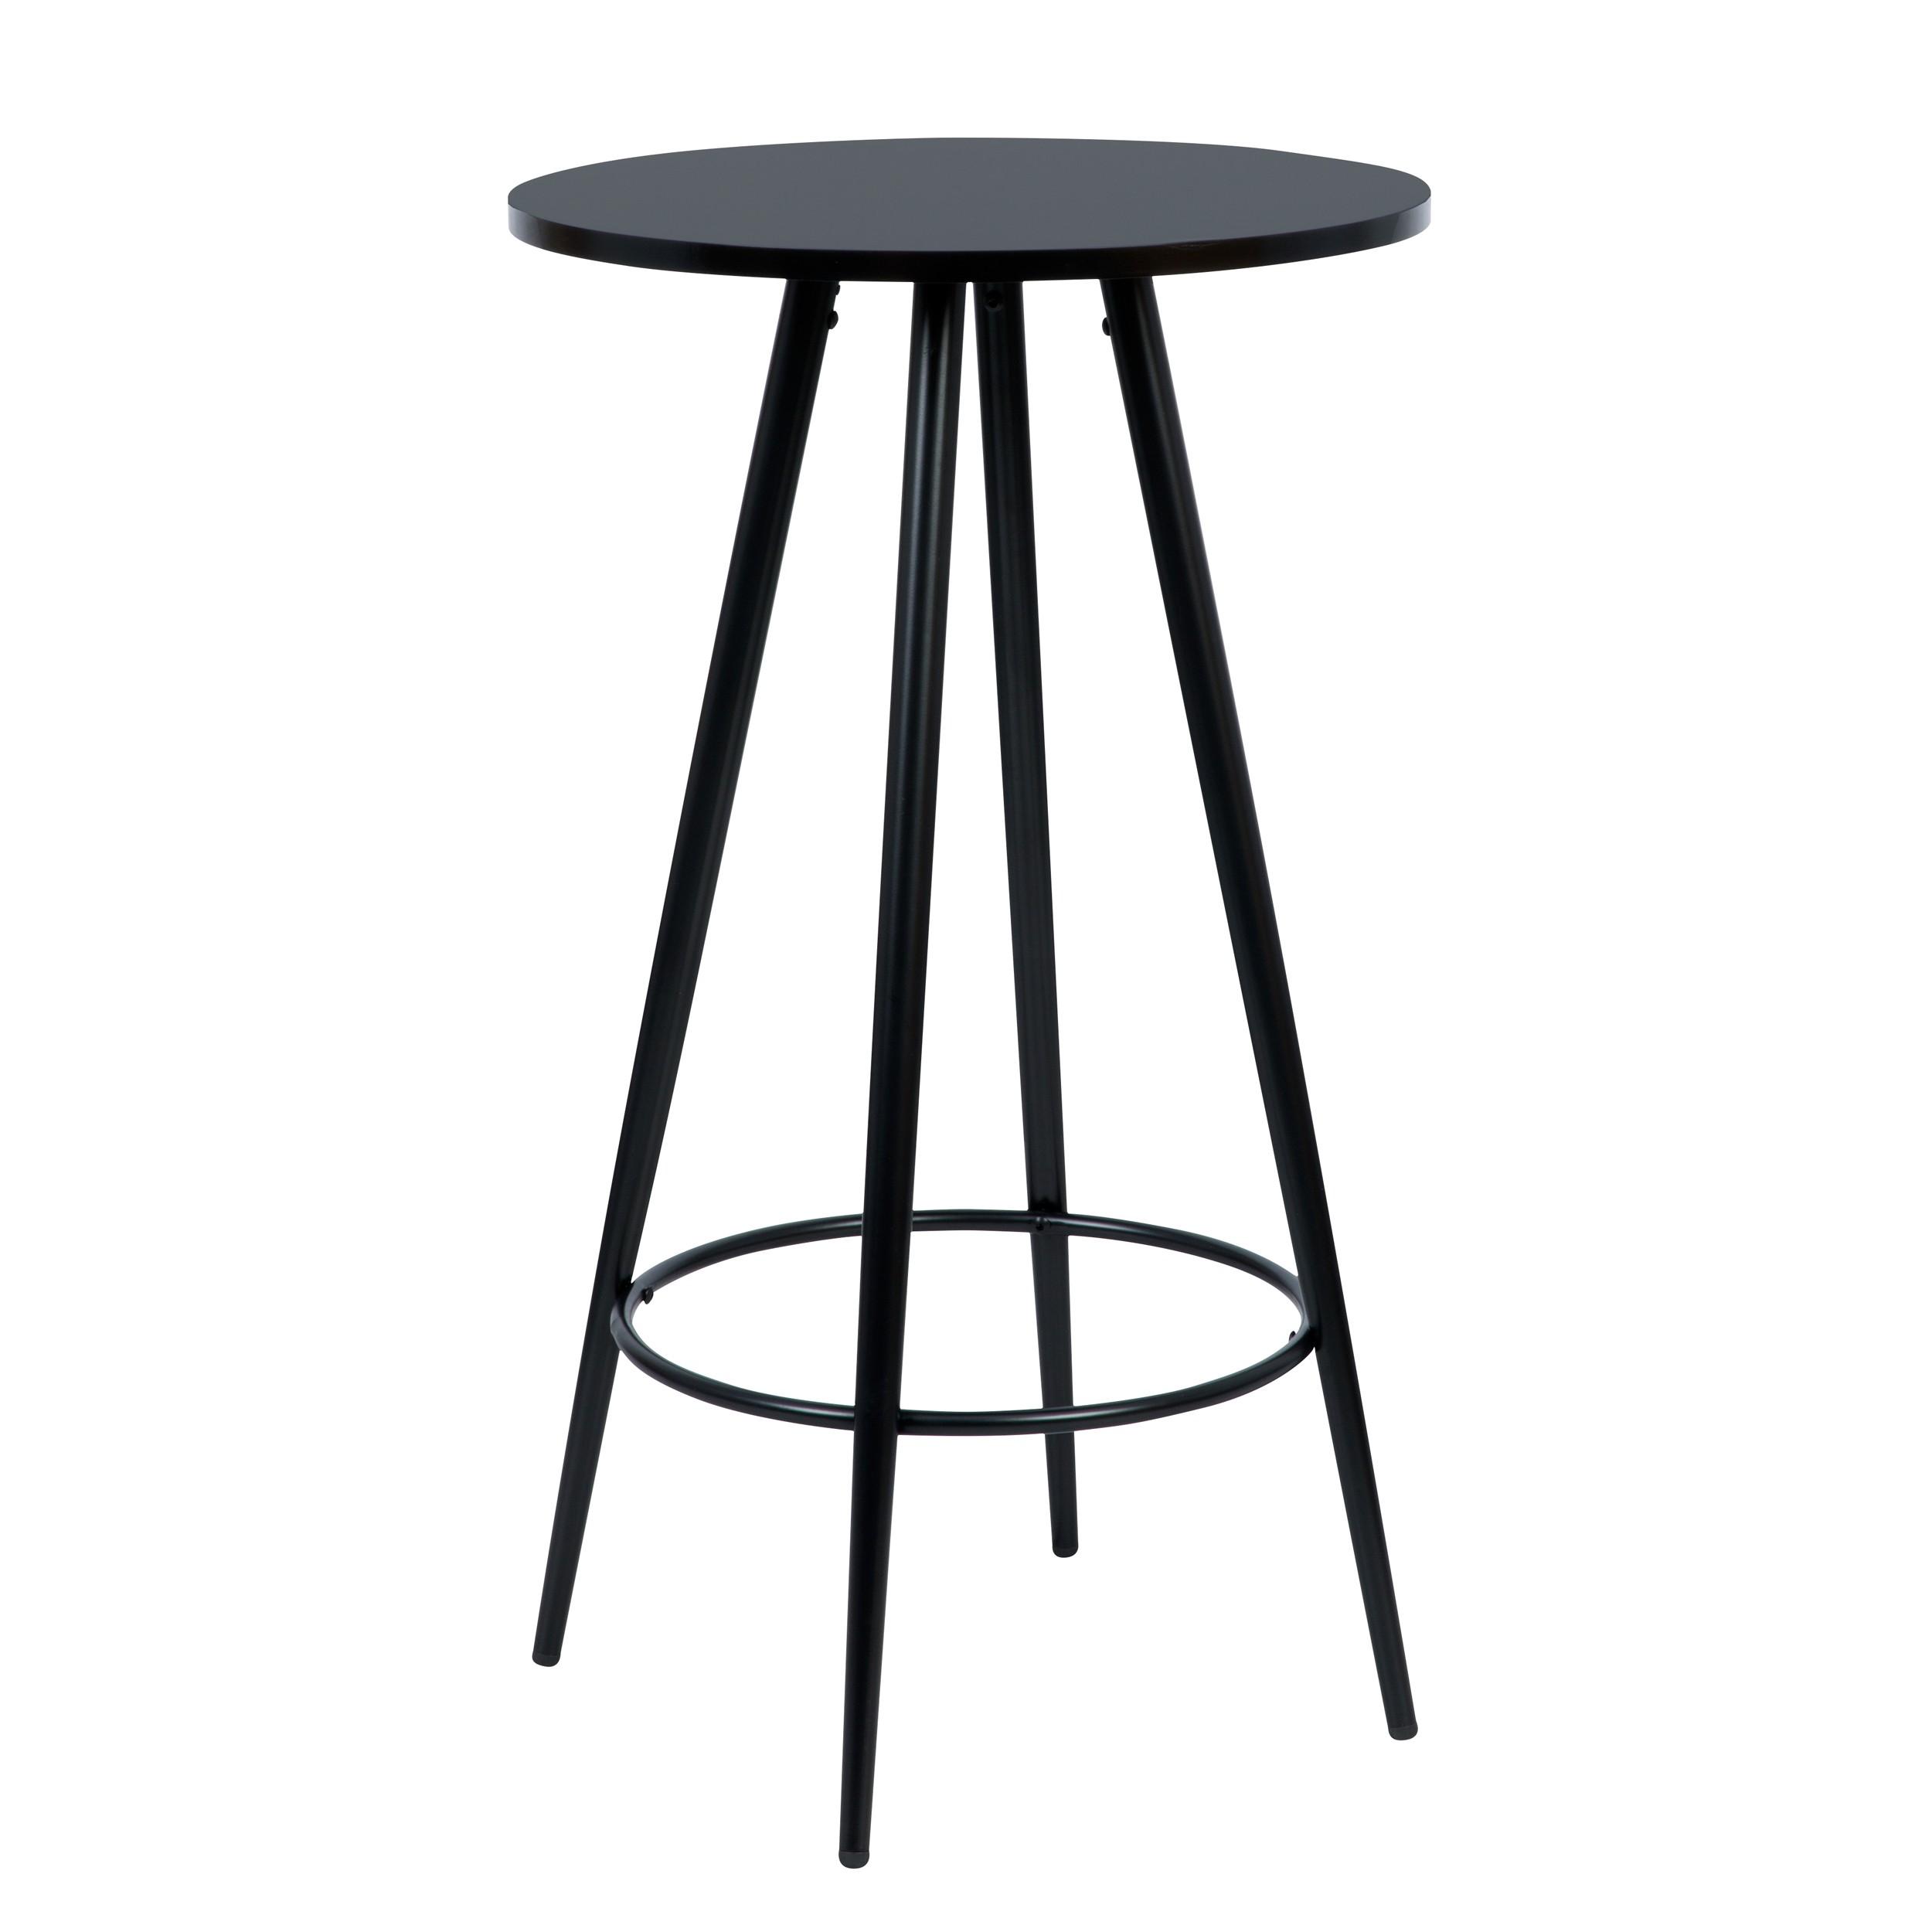 acheter table de bar ronde noire